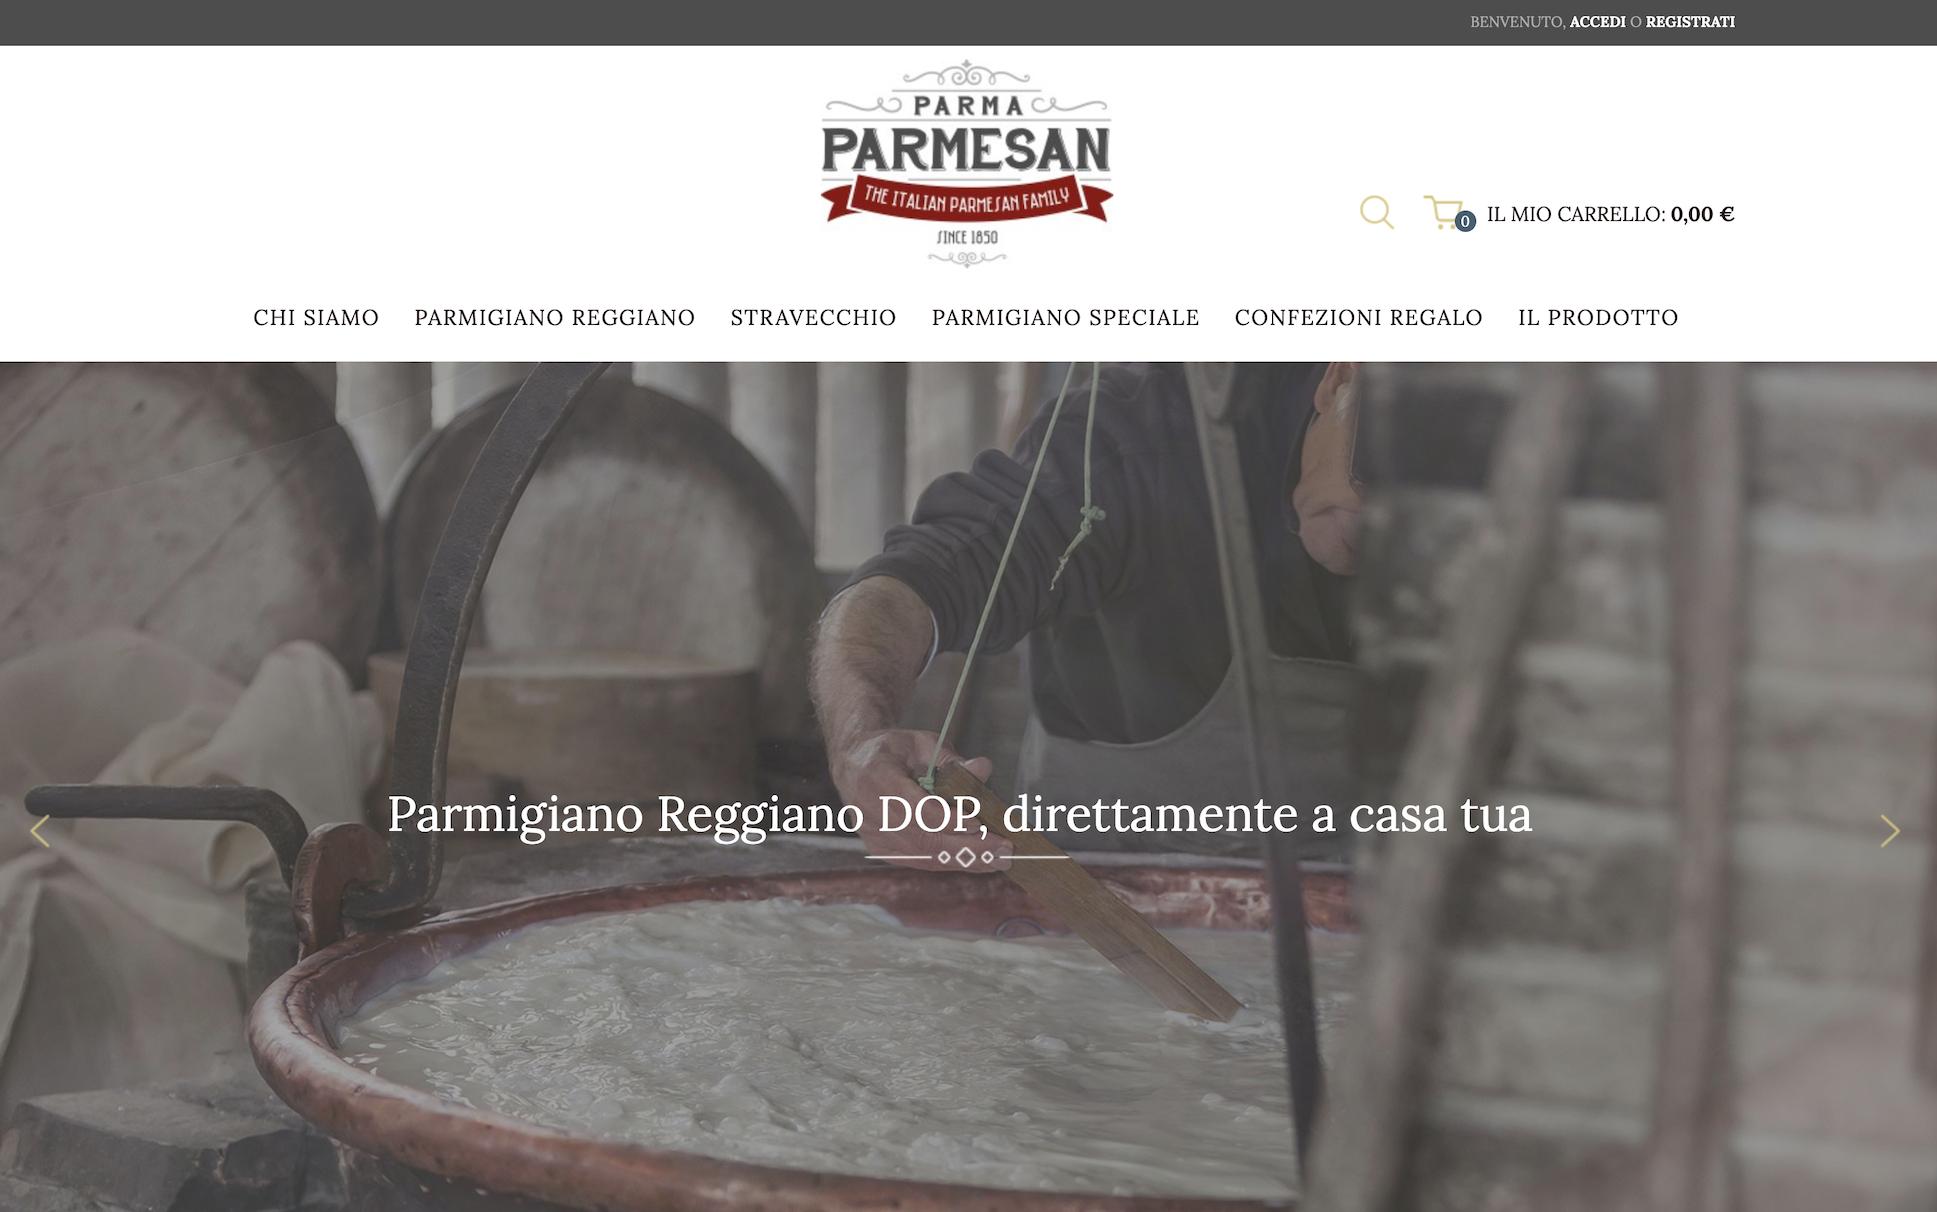 Parma Parmesan